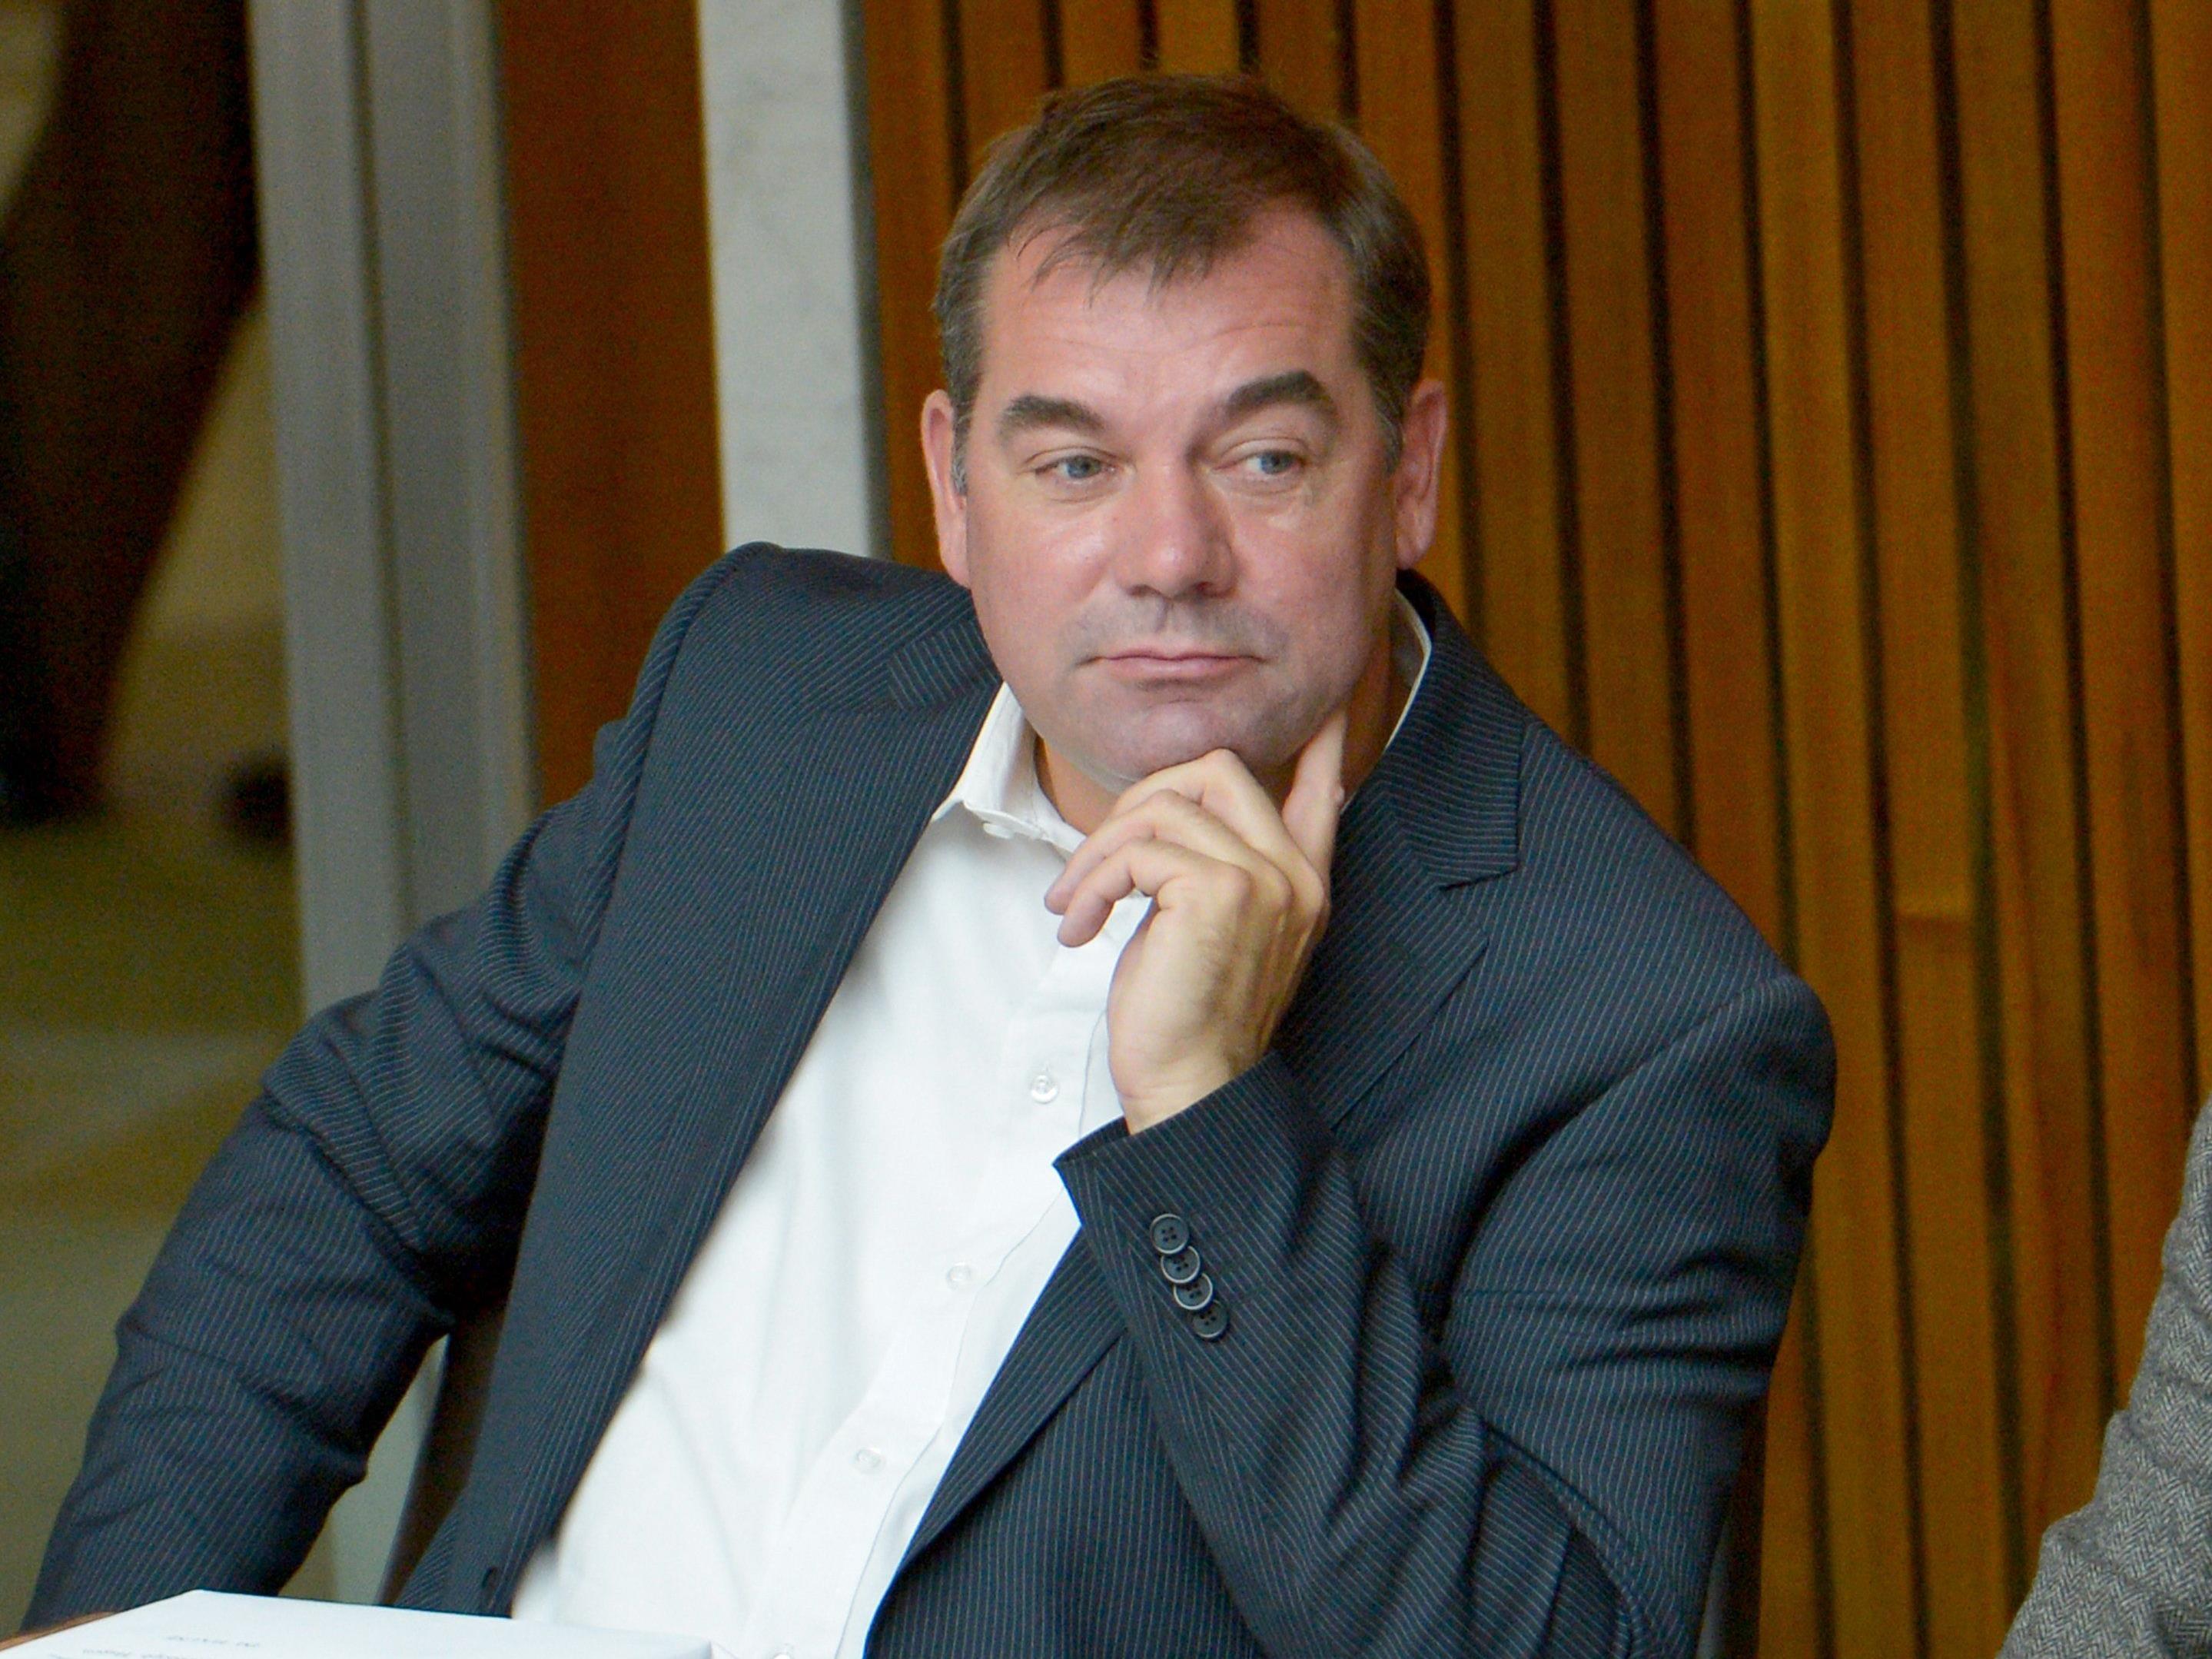 Christoph Hagen sieht sich mit zahlreichen Rücktrittsforderungen konfrontiert.